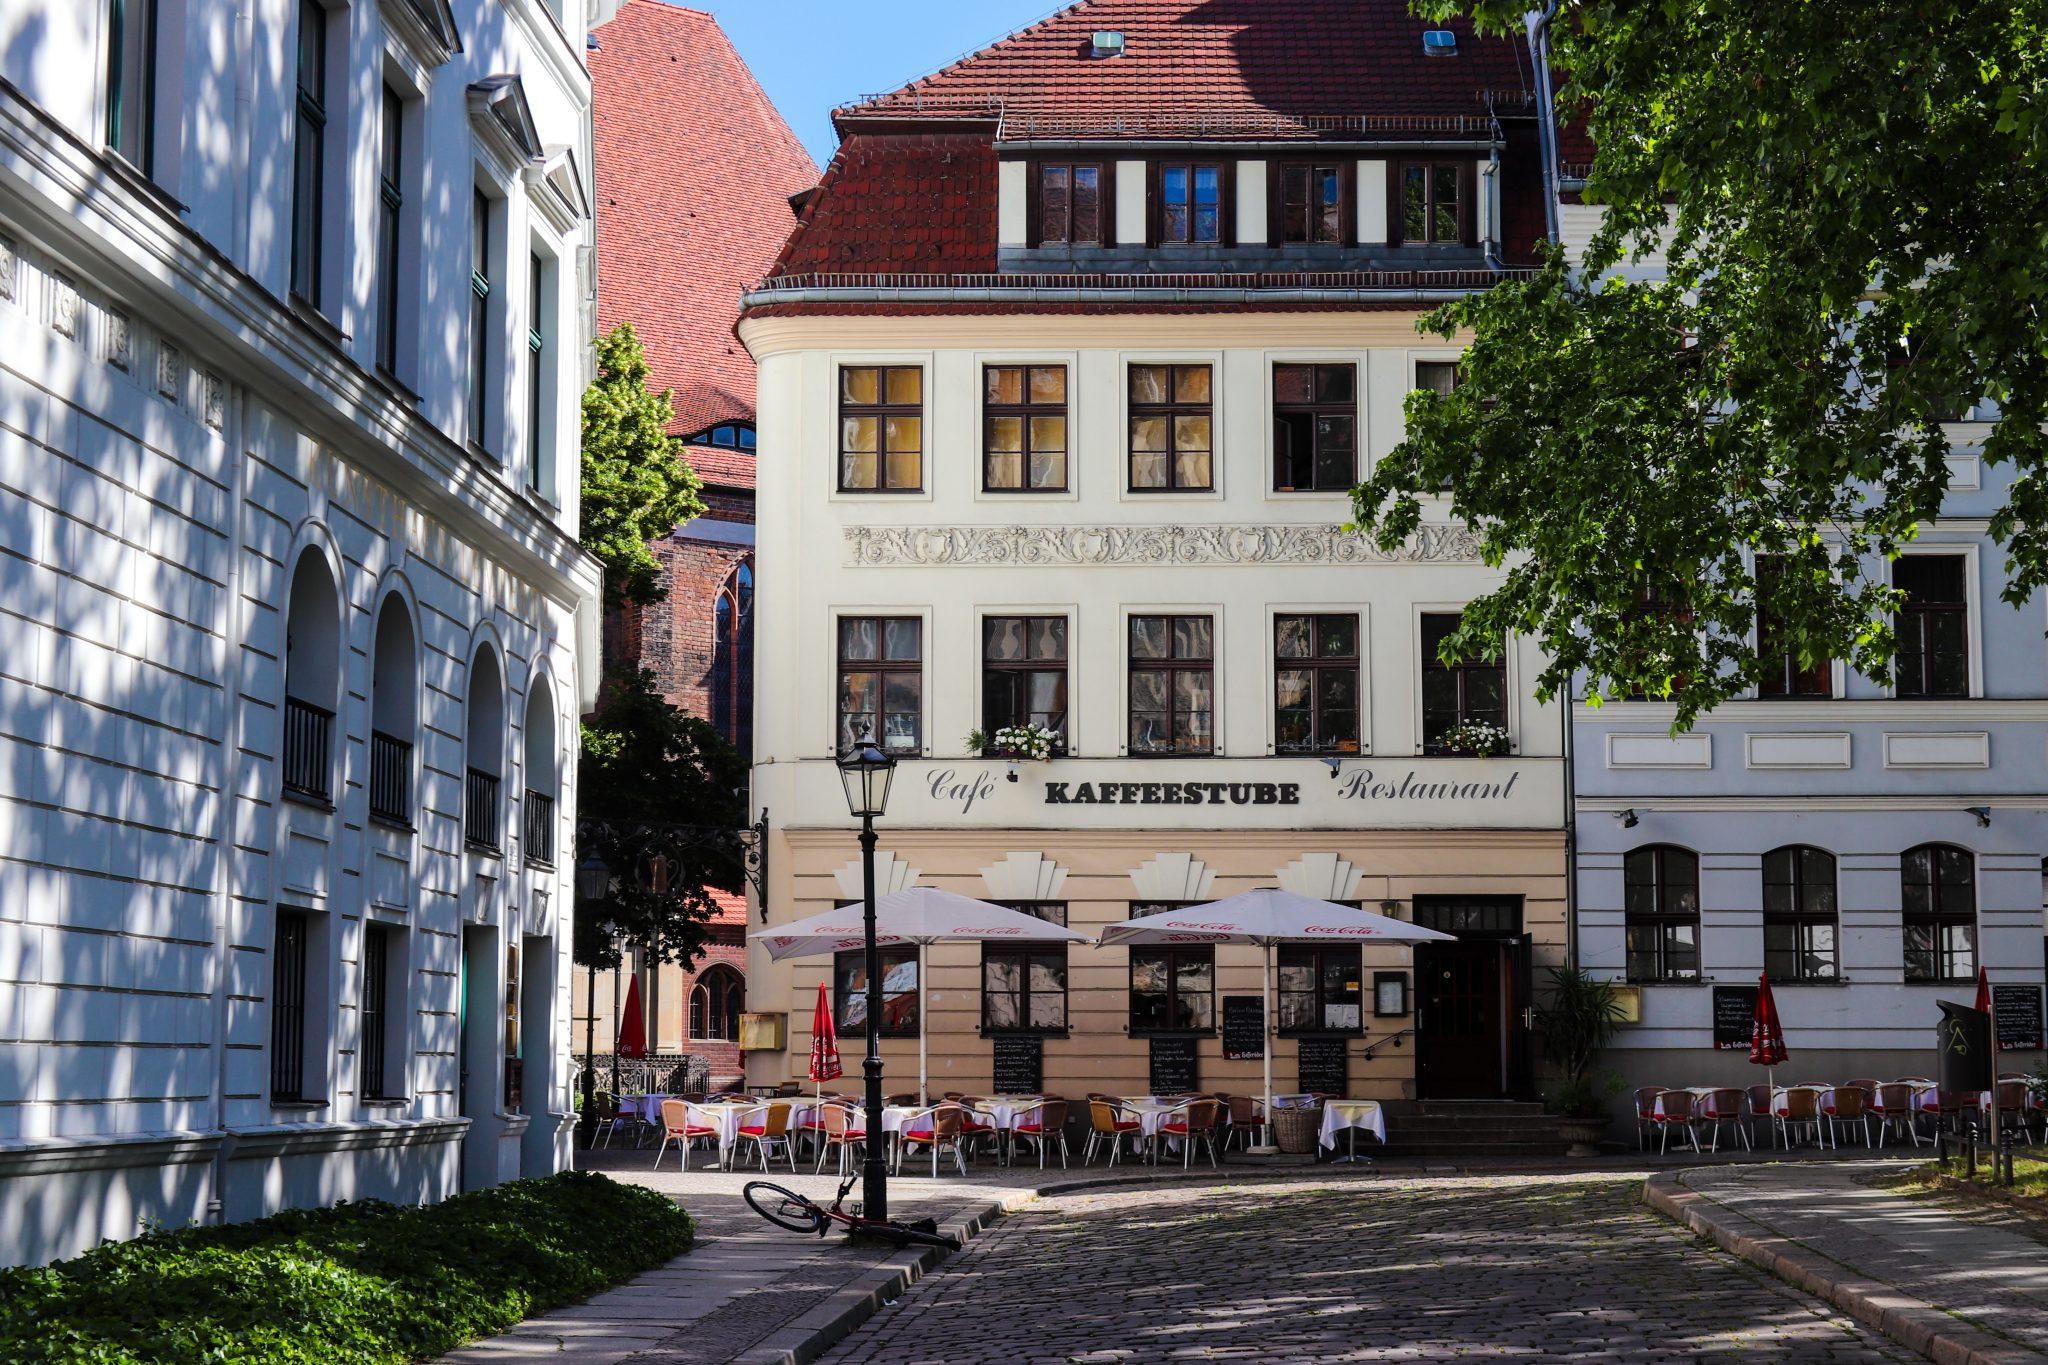 Wohnen in Berlin - DW enteignen - Photo: unsplash-marie-bellando-mitjans